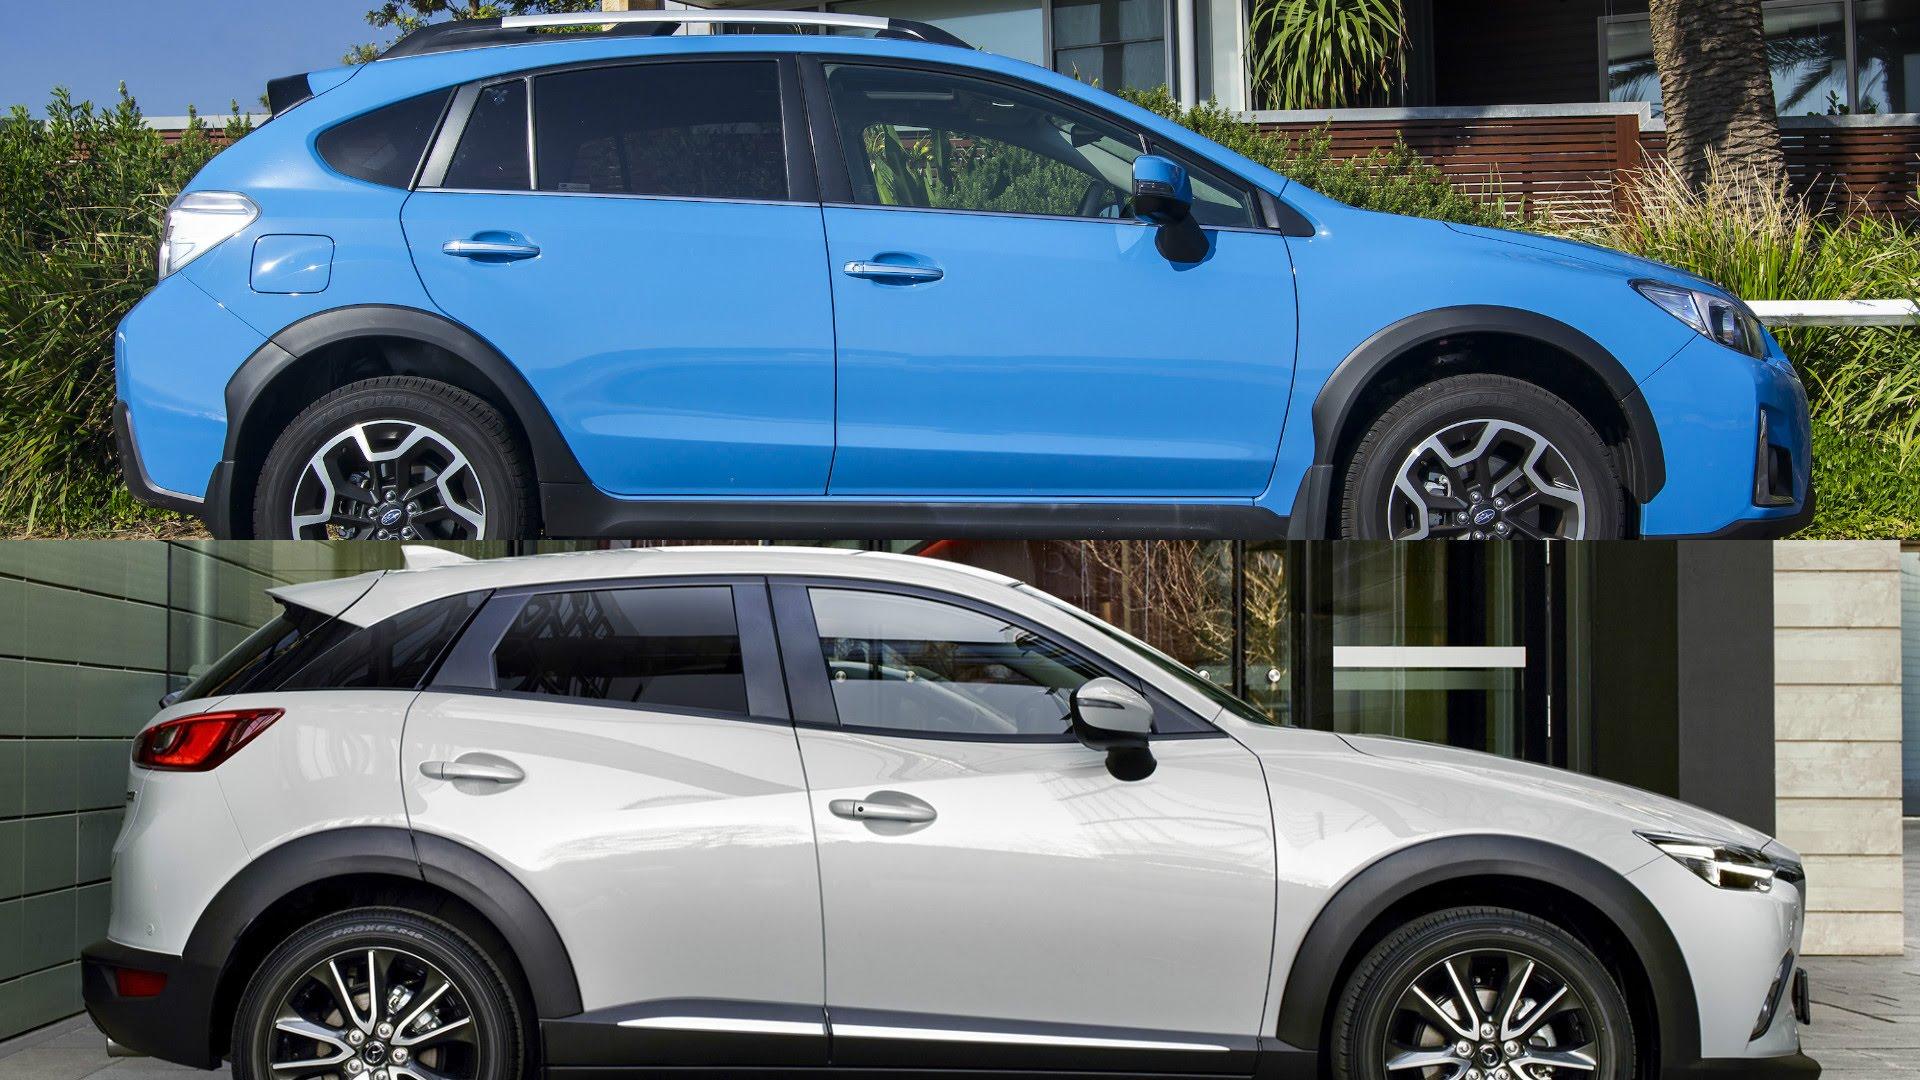 2018 Subaru SV Crosstrek Vs 2017 Mazda CX 3